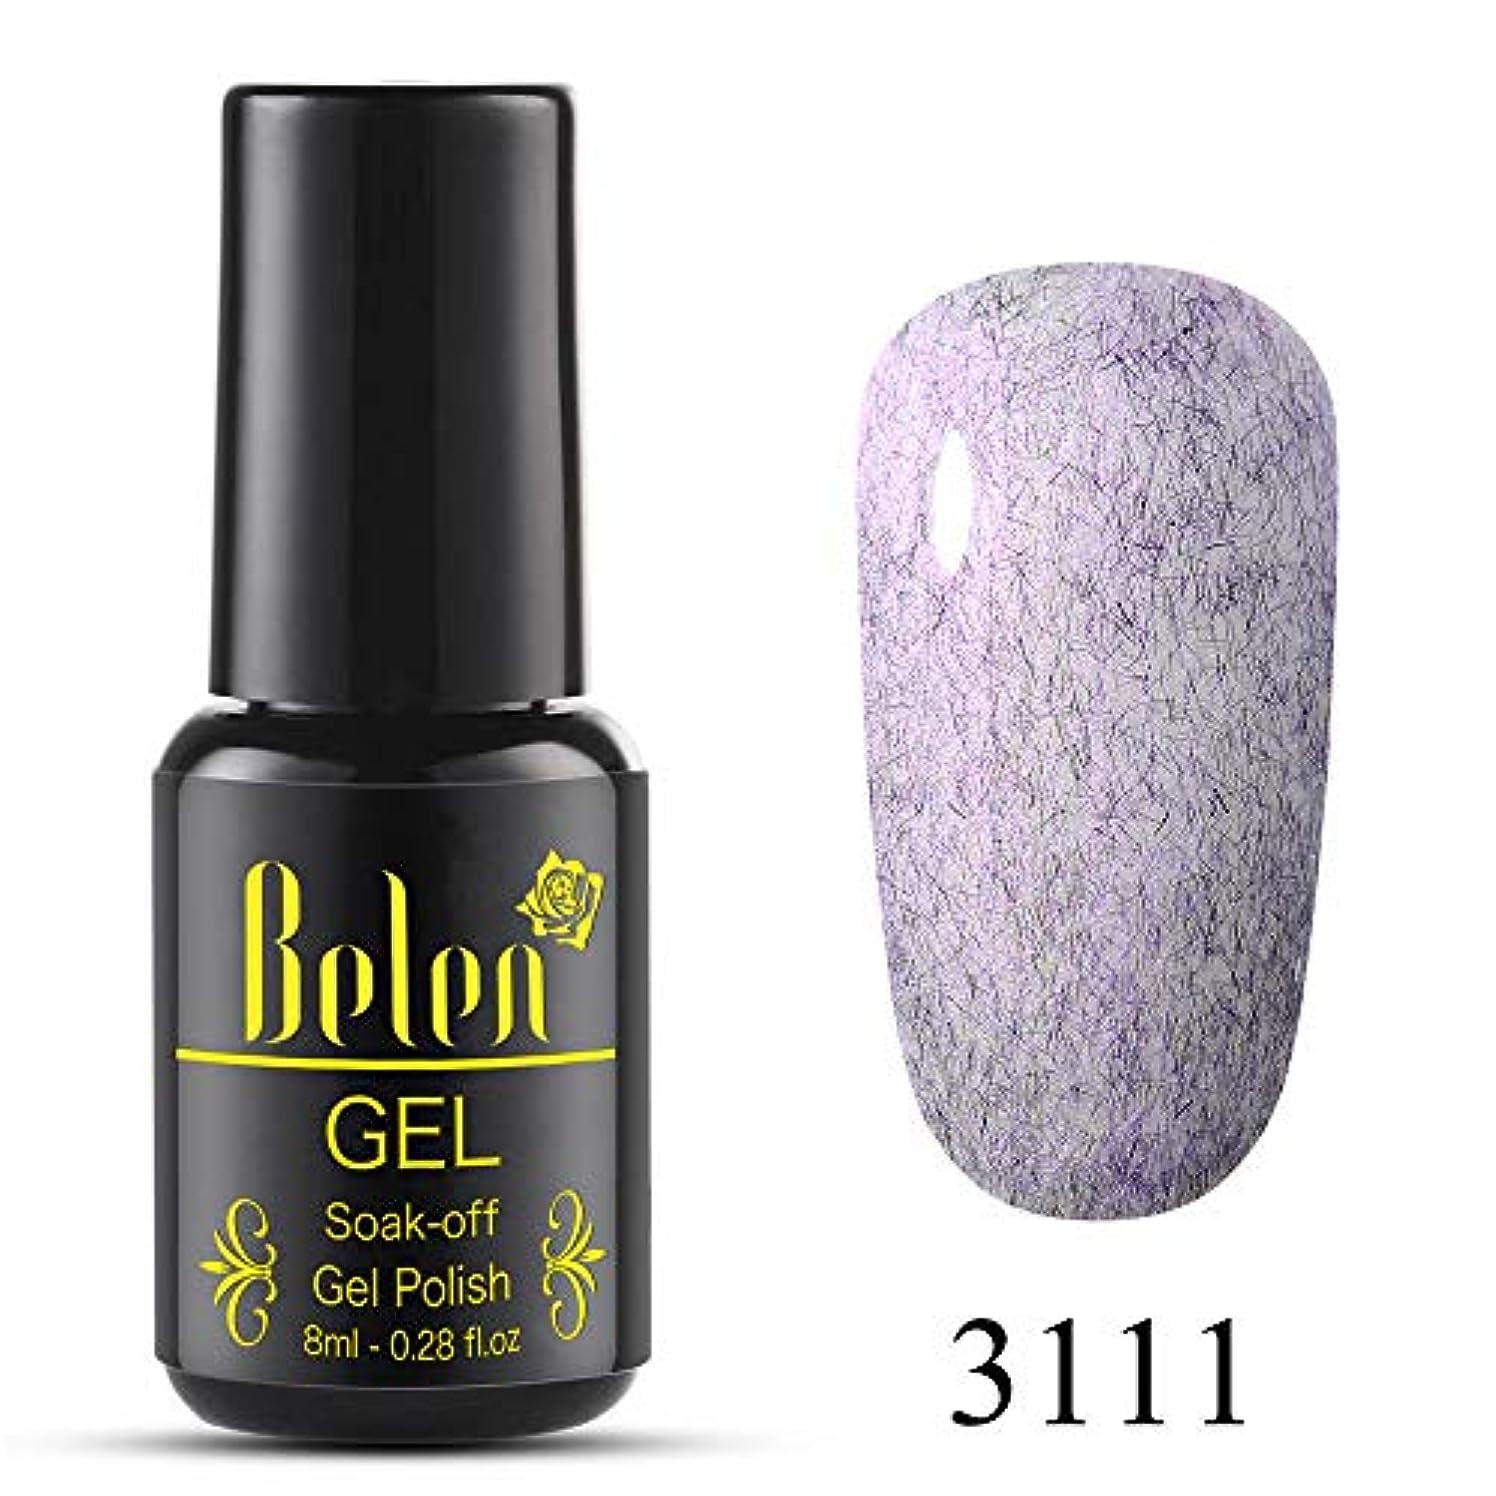 魅力的命題有害なBelen ジェルネイル カラージェル 貝殻毛皮系 1色入り 8ml【全12色選択可】